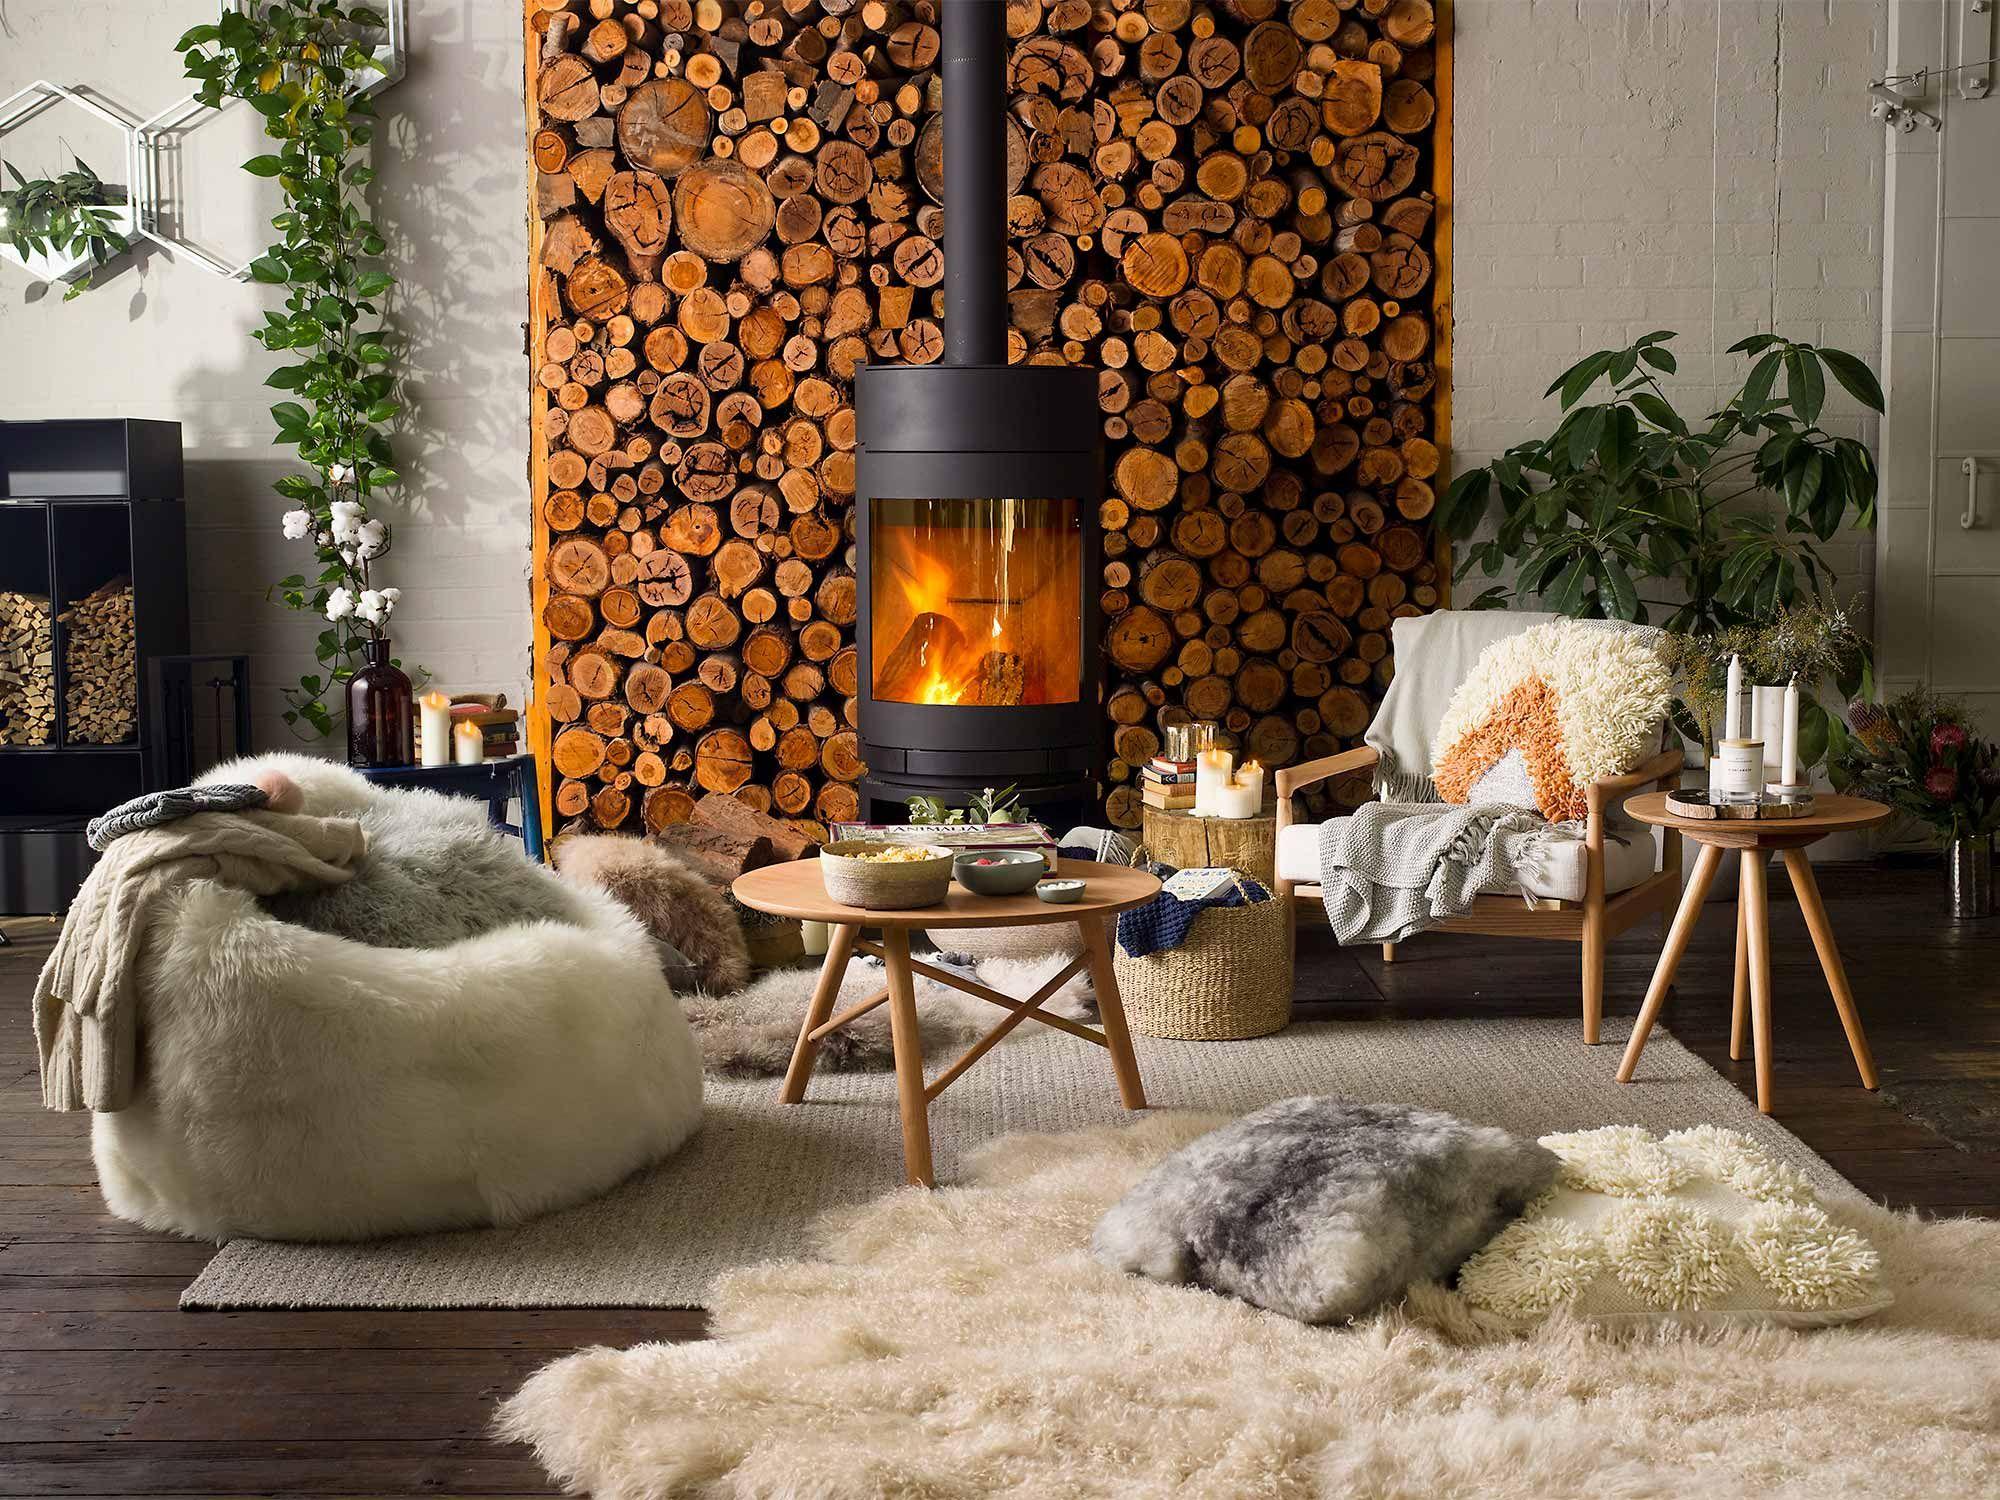 چگونه خانهی خود را با تجهیزاتی ساده به یک خانهی زمستانی تبدیل کنیم؟